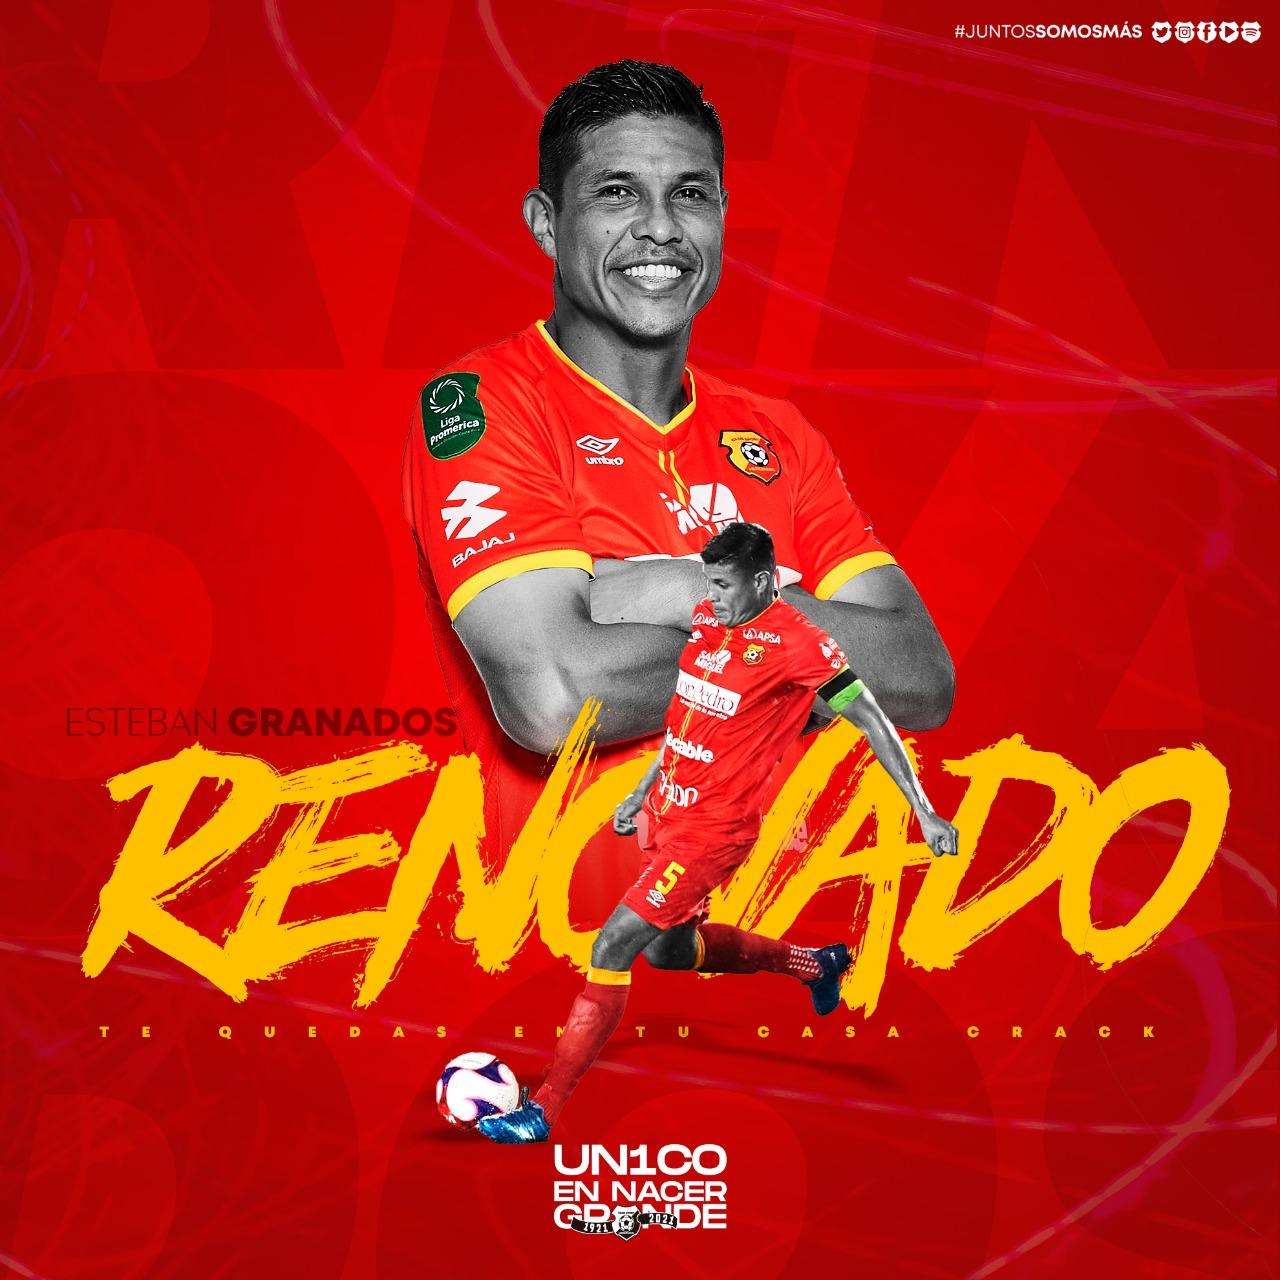 Herediano renueva por un año más a Oscar Esteban Granados.